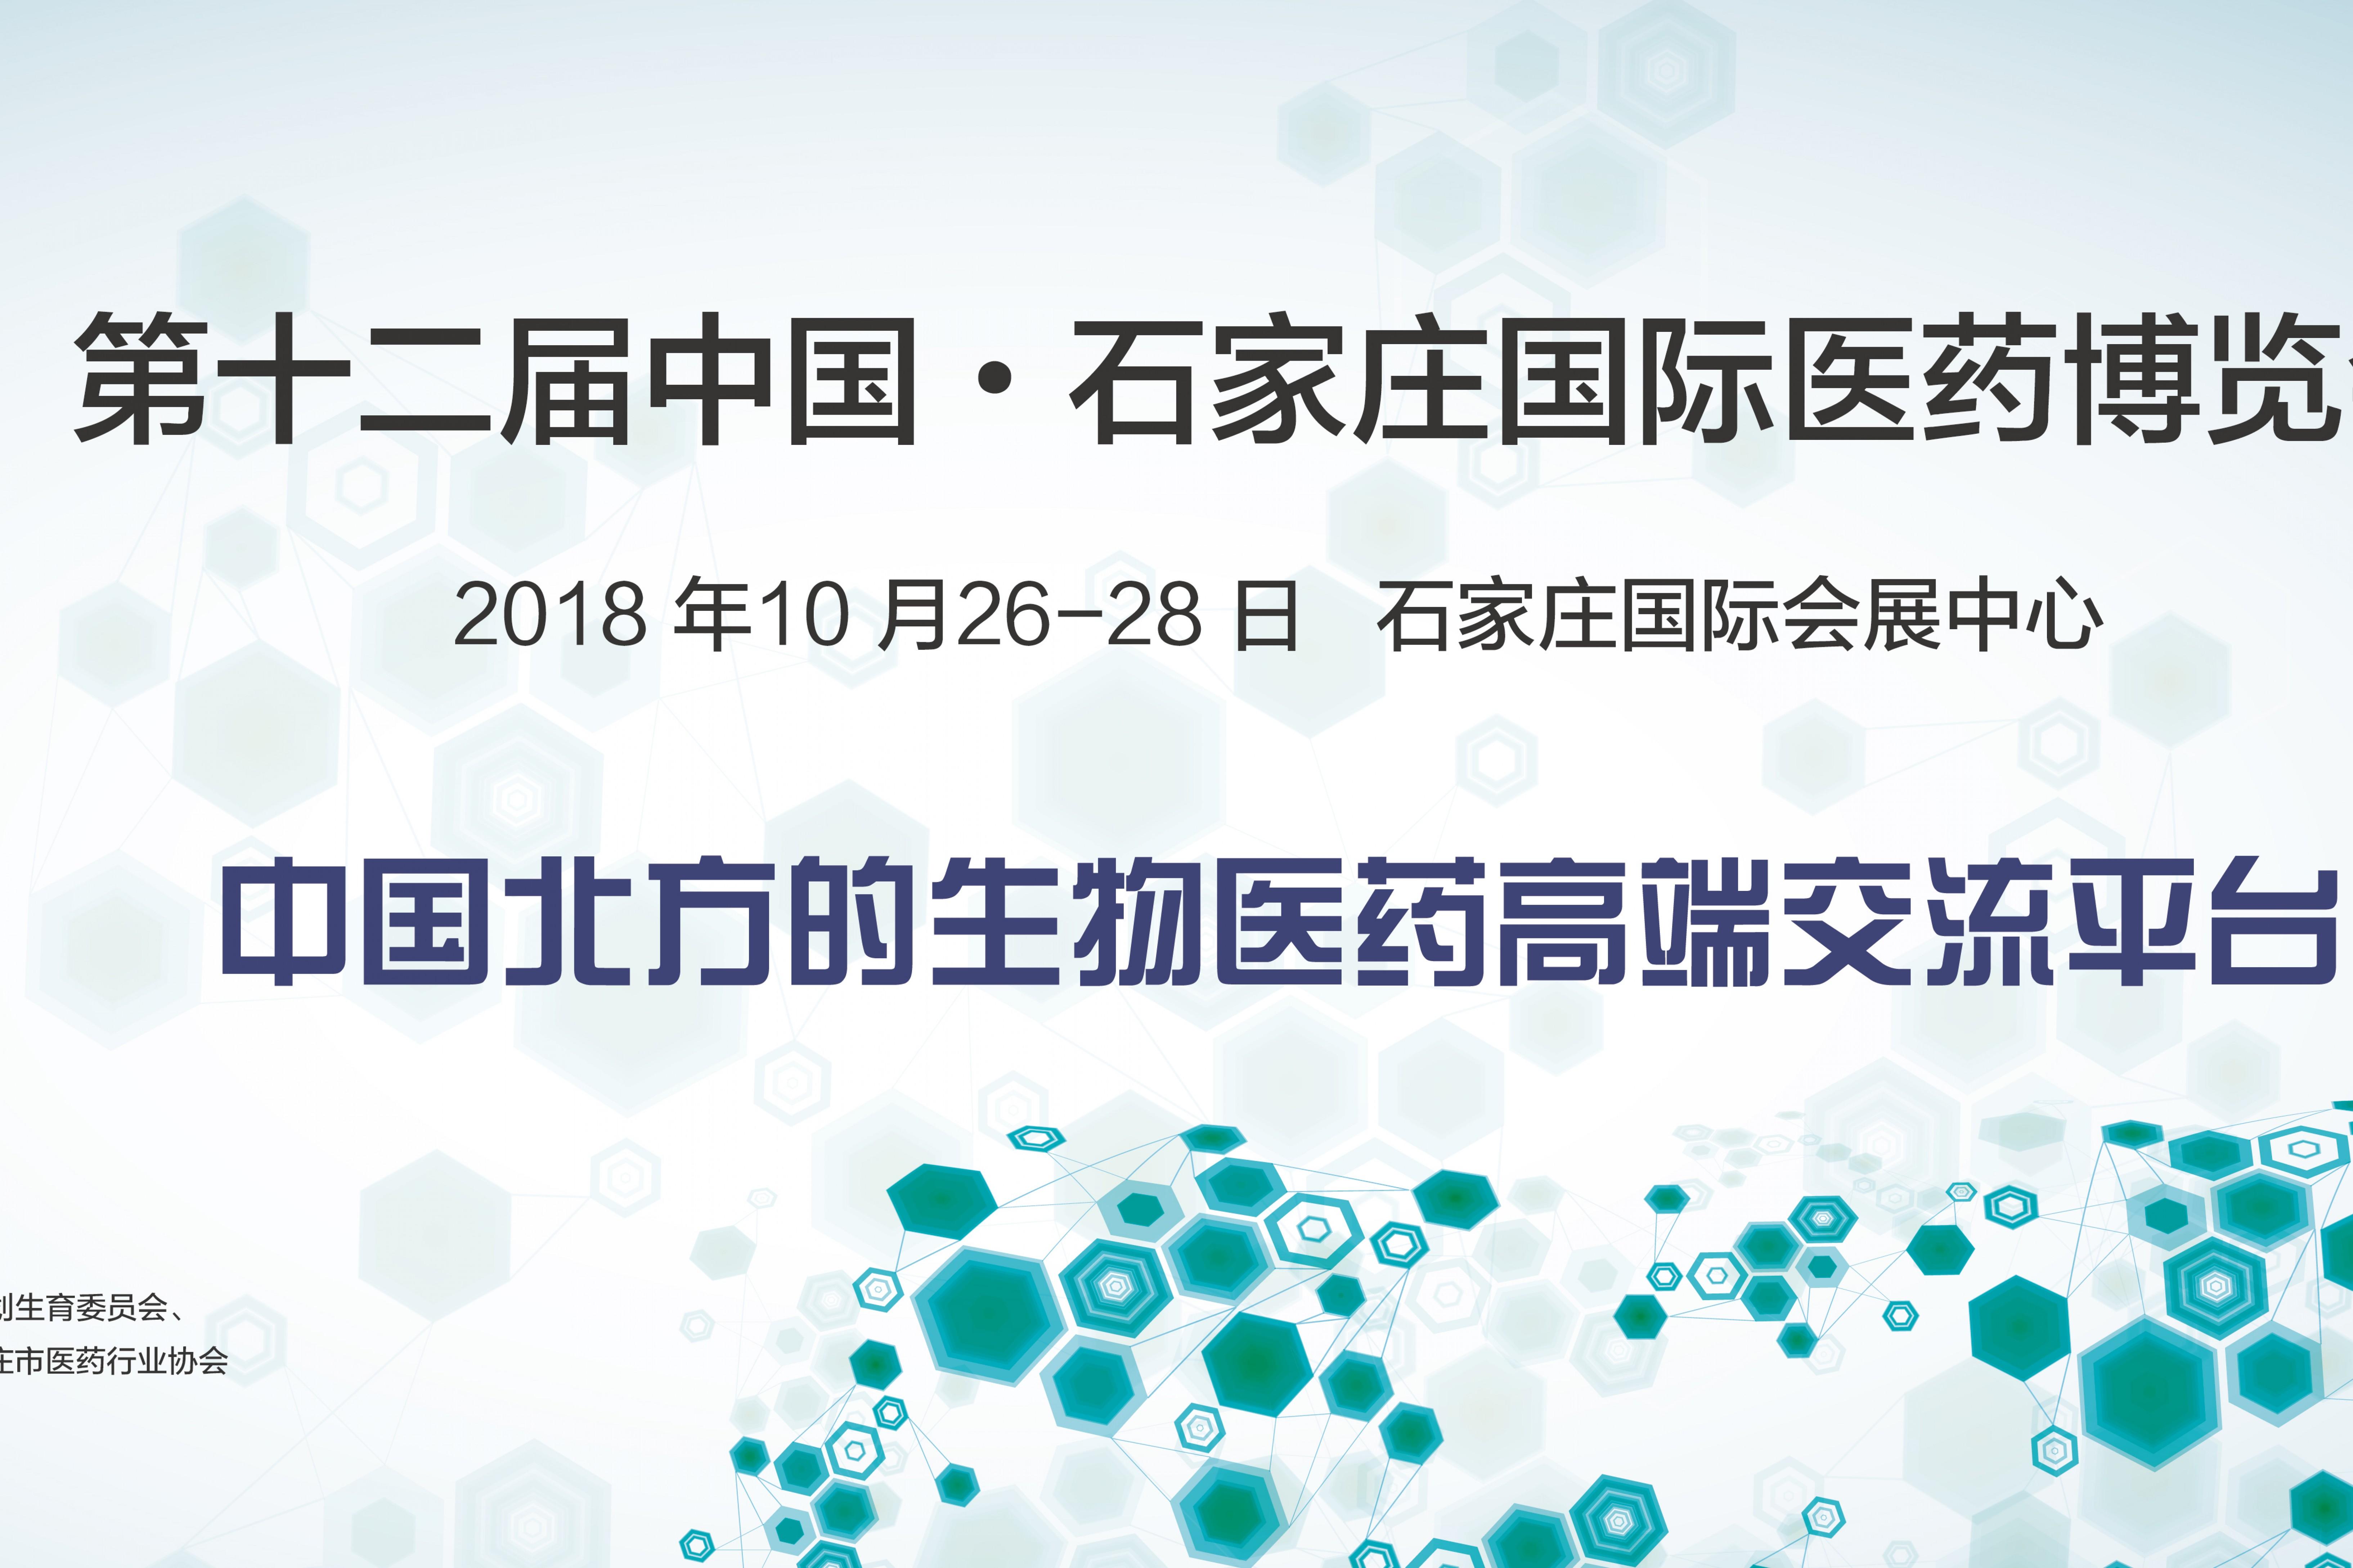 第十二届中国石家庄国际医药博览会